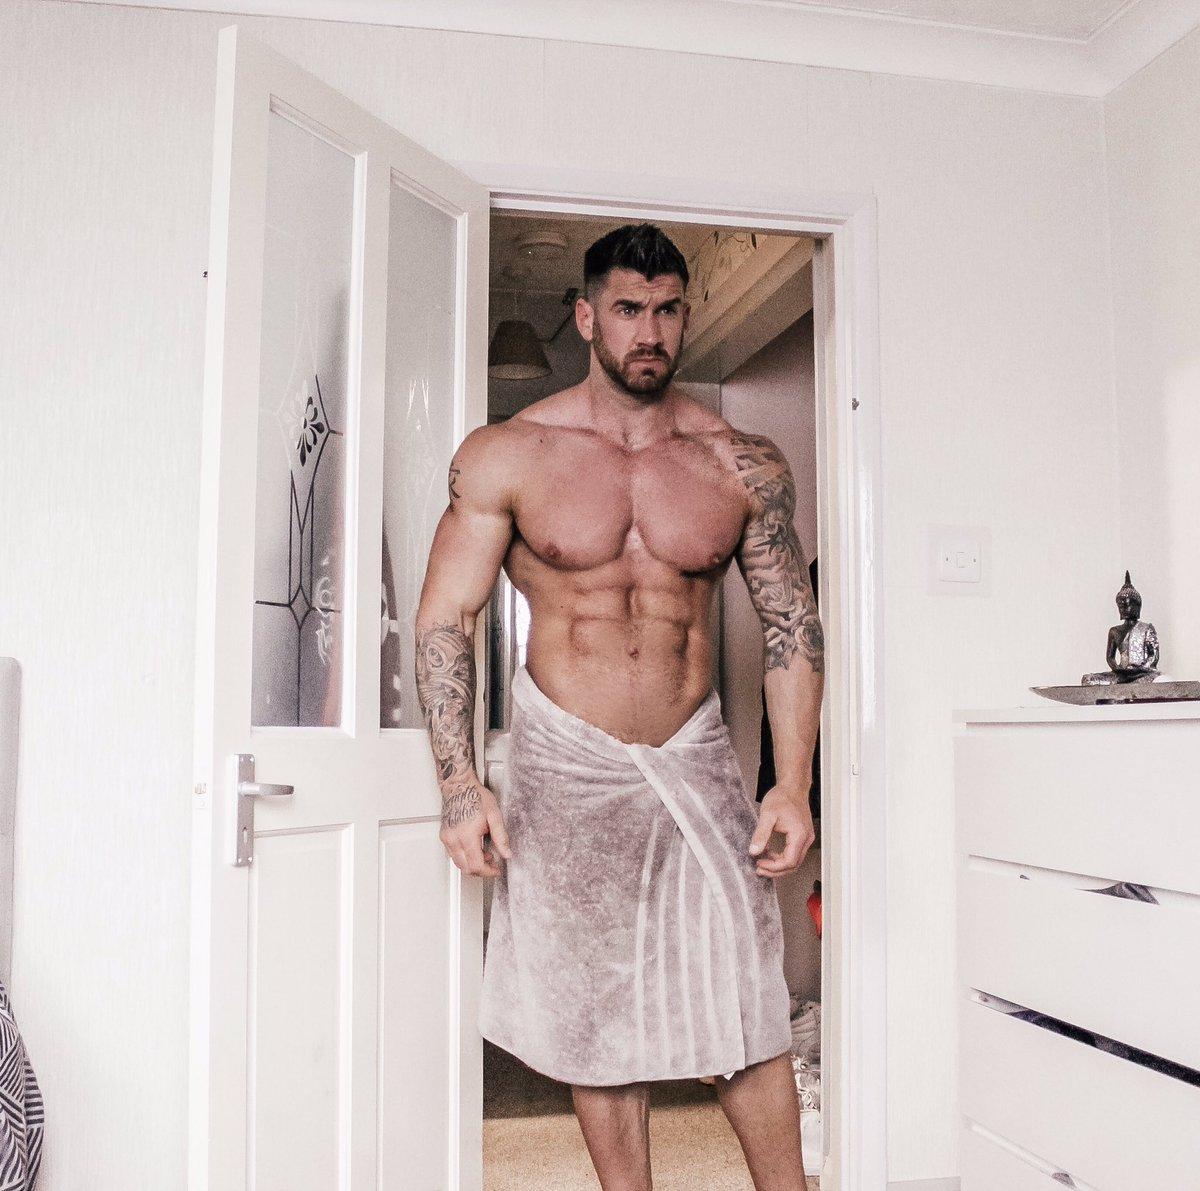 en la ducha empeloto